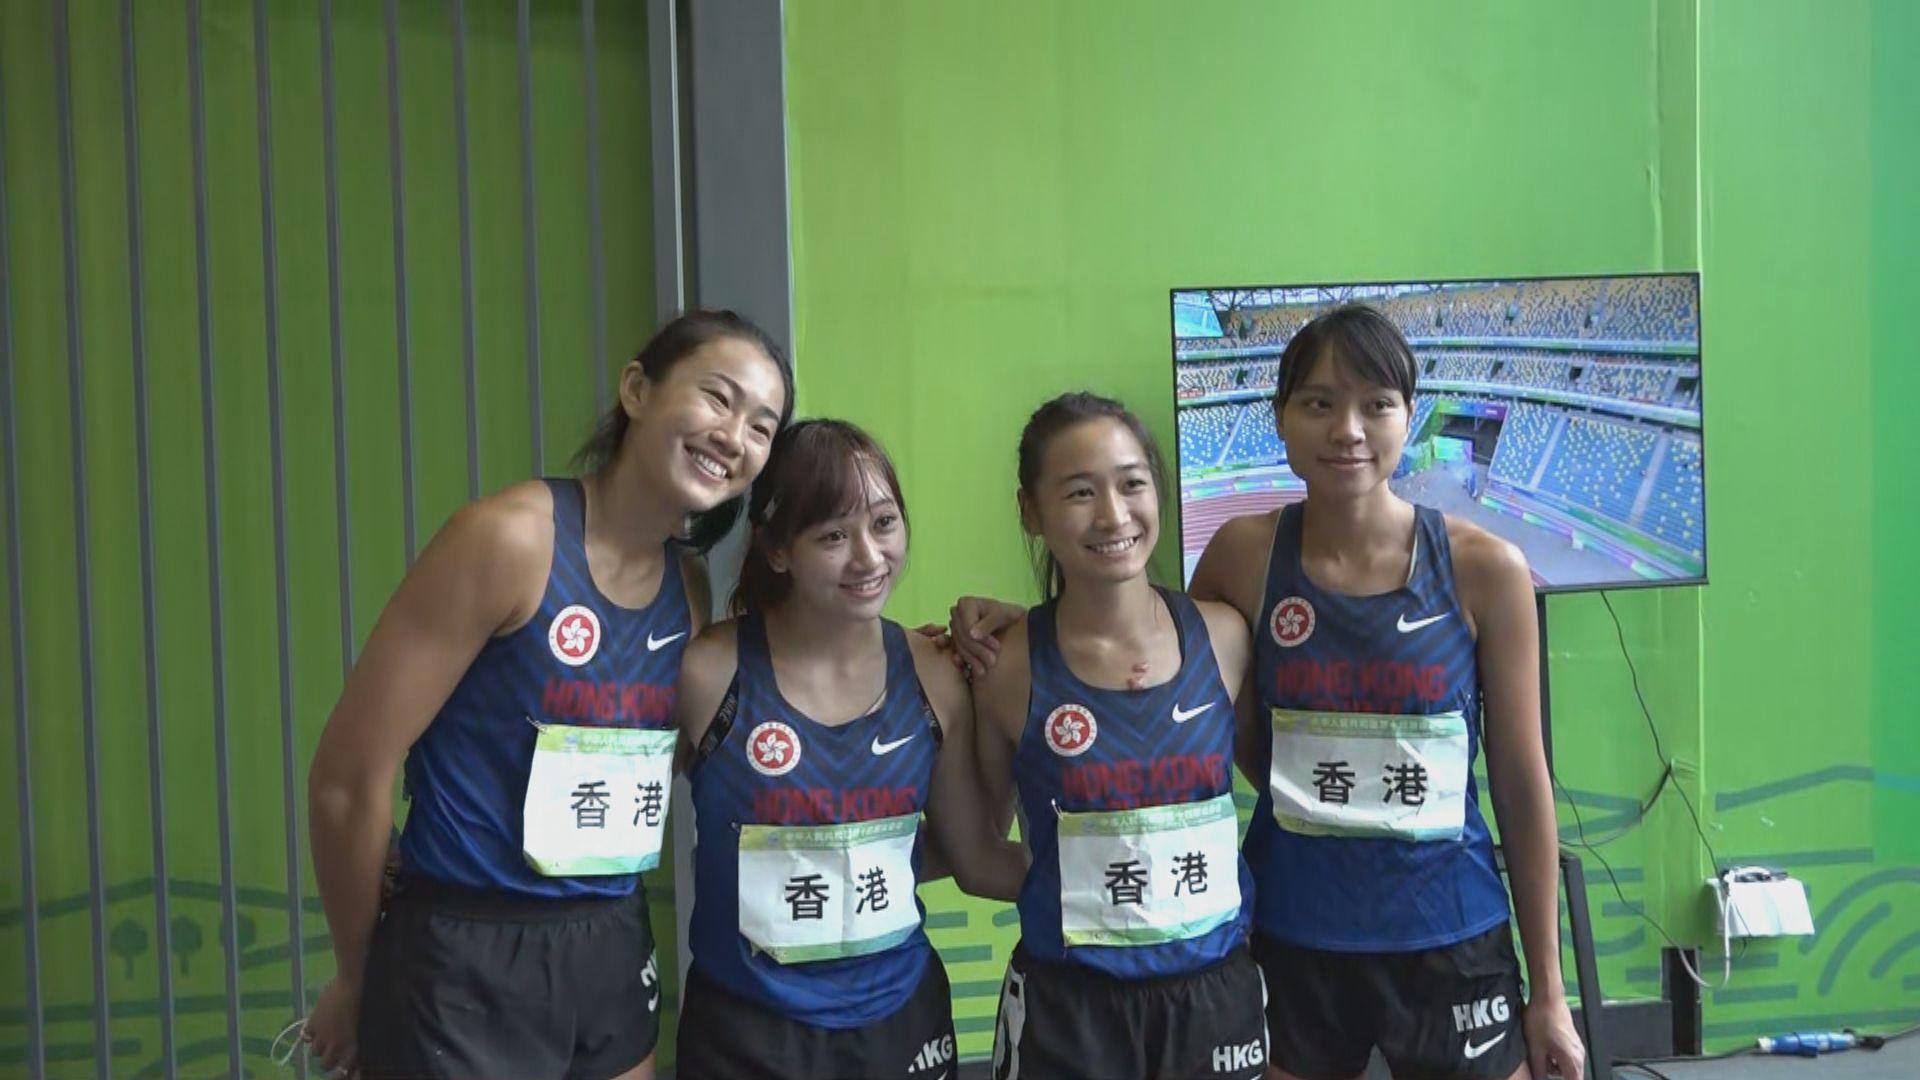 全運會田徑項目 女子4X100米接力港隊預賽止步